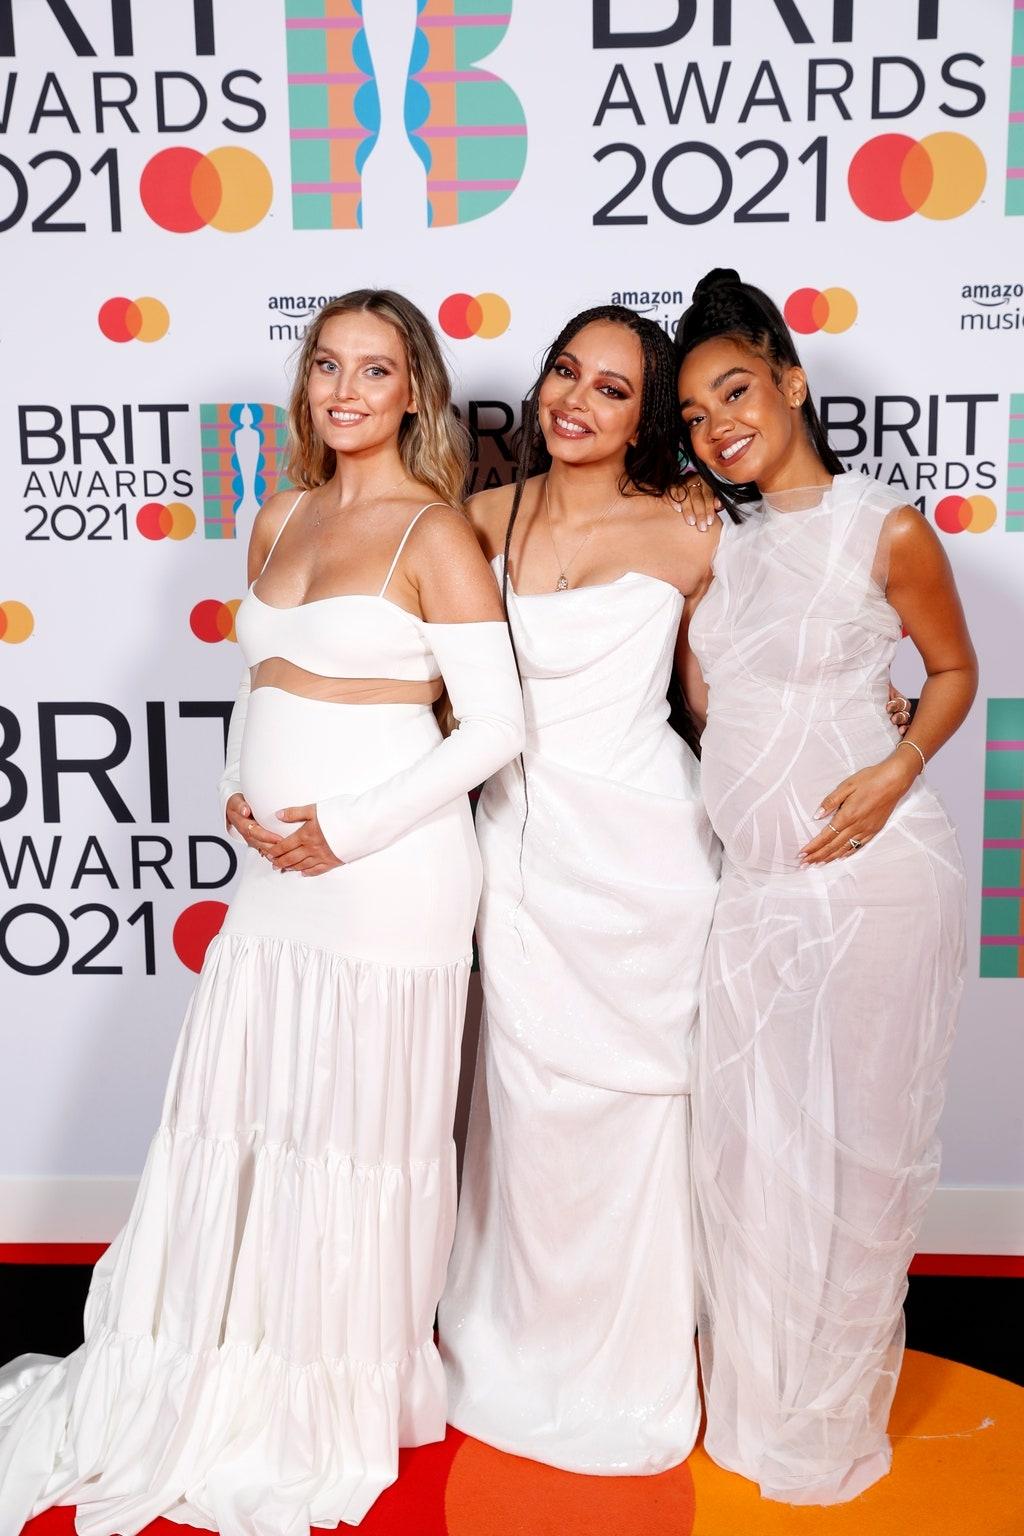 Самые яркие образы звезд на красной дорожке BRIT Awards 2021 (ФОТО) - фото №2